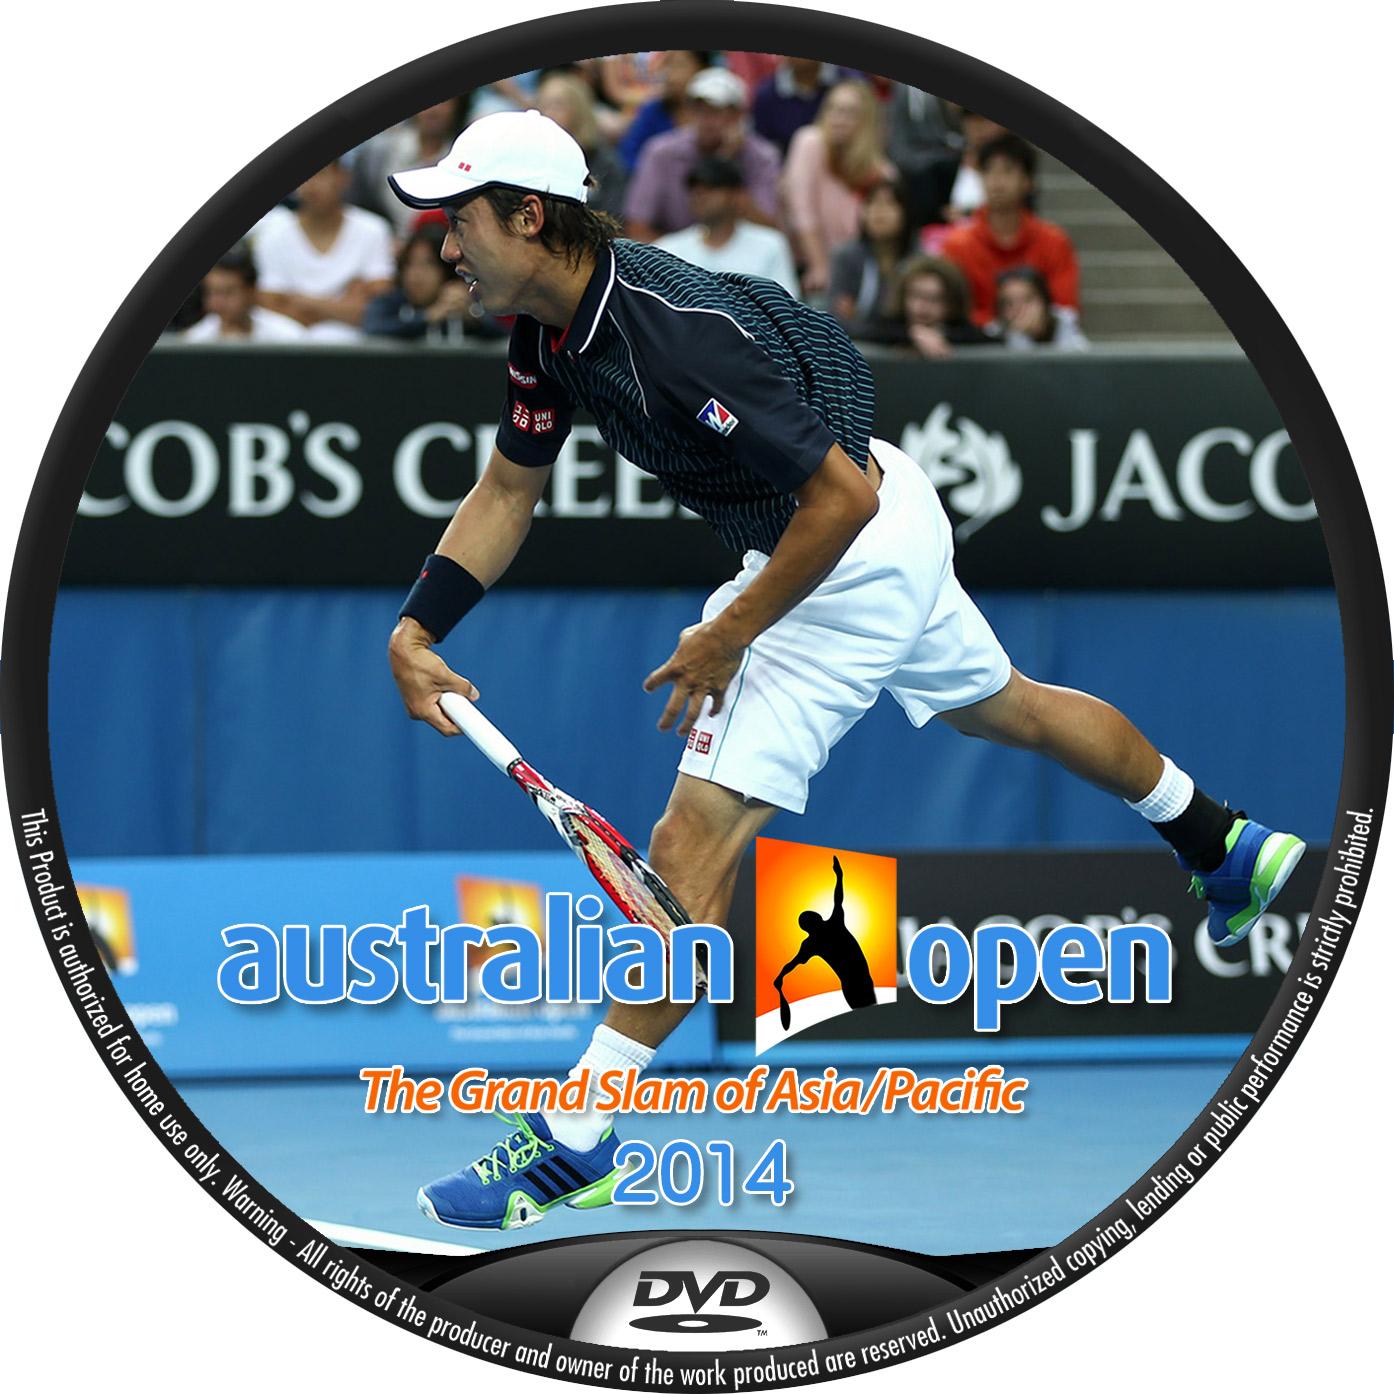 全豪オープン 錦織圭 DVDラベル